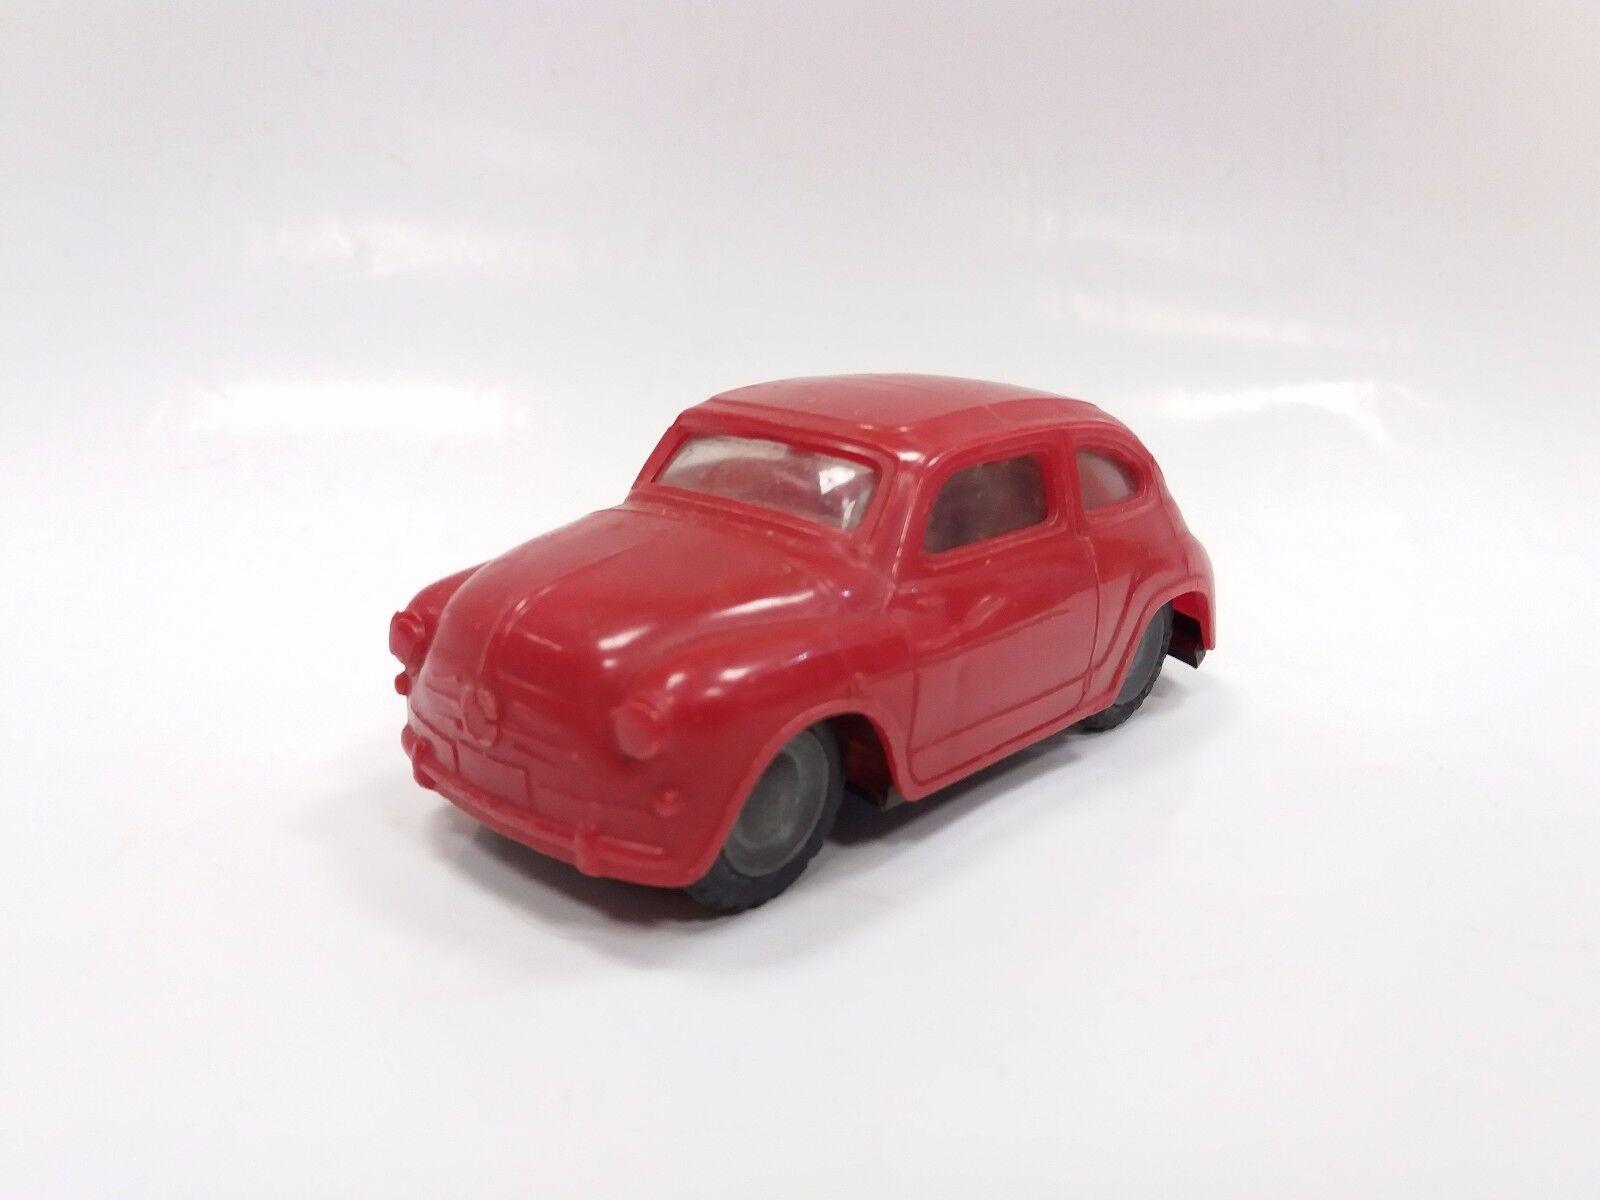 Vintage Fiat 600 Lendulet Lemezarugyari Tin & Plastic Friction Toy Car